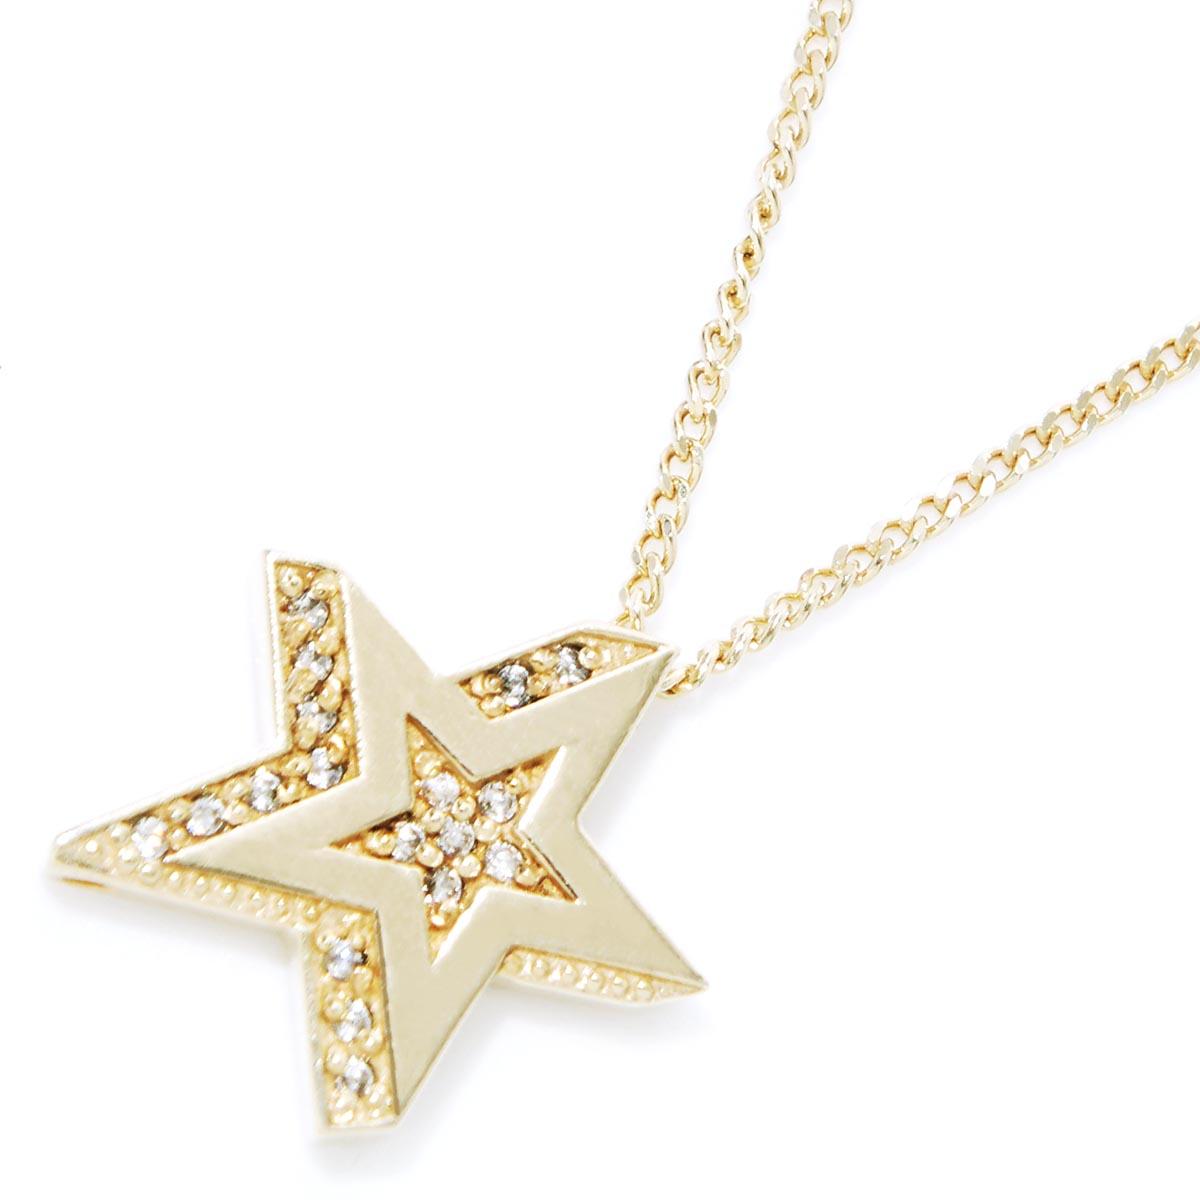 ガーデル GARDEL ネックレス 指輪 メンズ レディース アクセサリー ジュエリー ギフト プレゼント gdp095 k18yg dia STAR RIGHT【返品交換不可】【ラッピング無料】【181201】